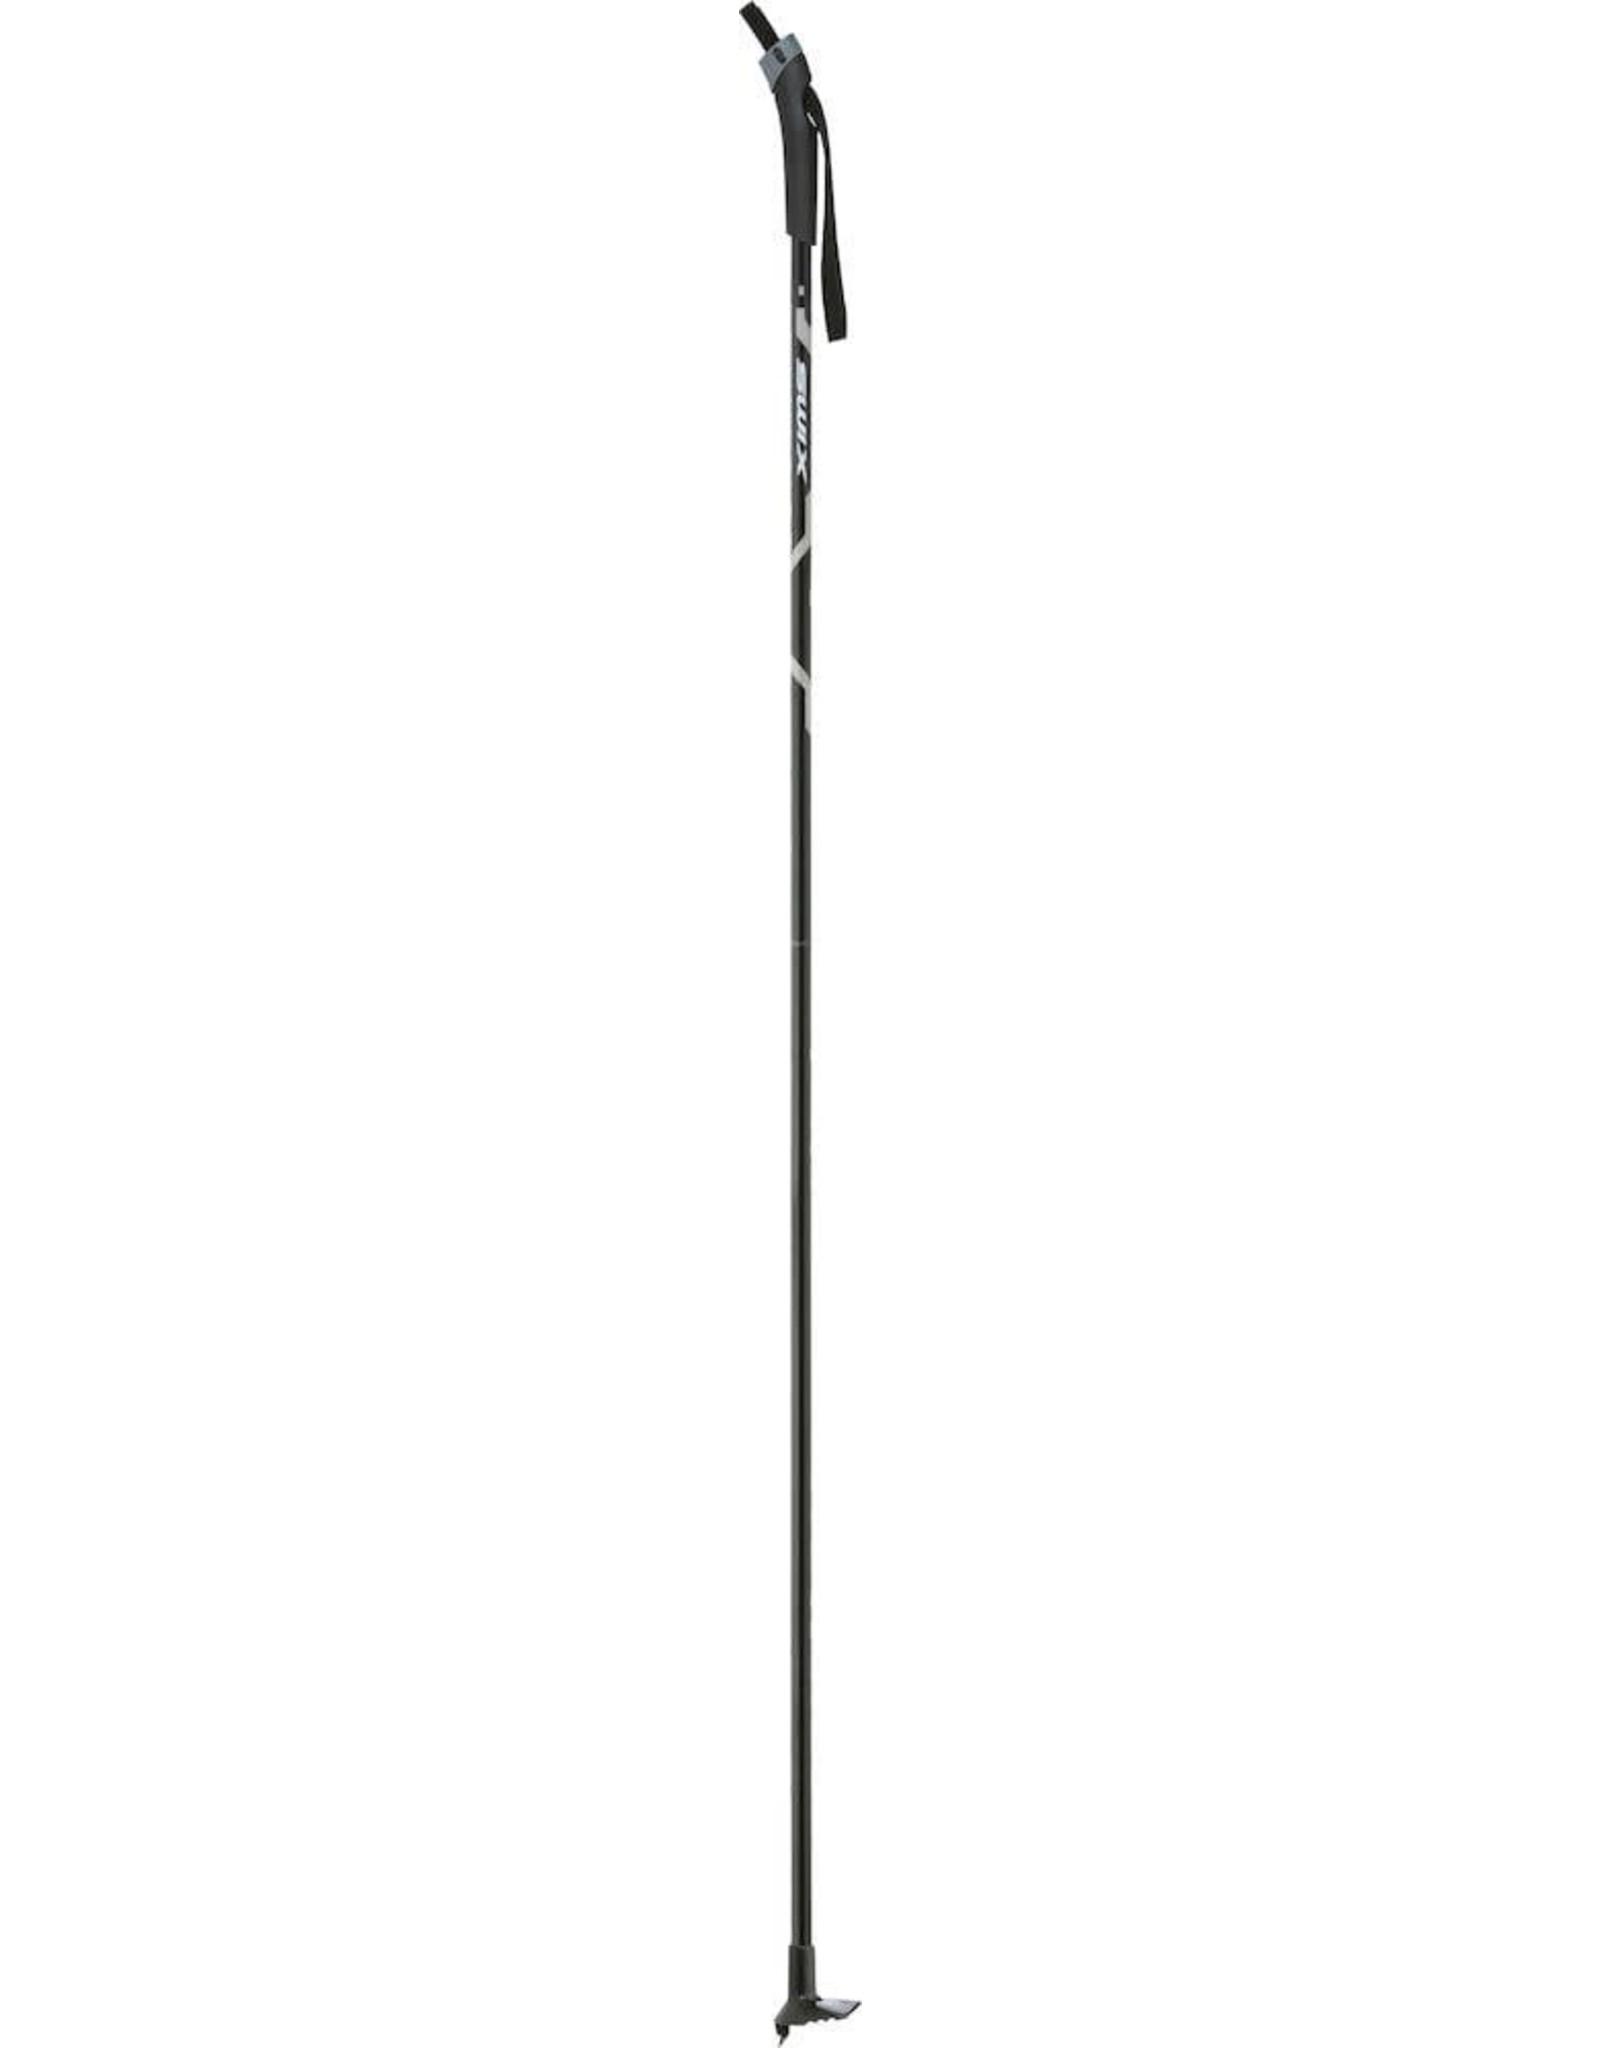 Swix Swix - Nordic 140 Ski Pole